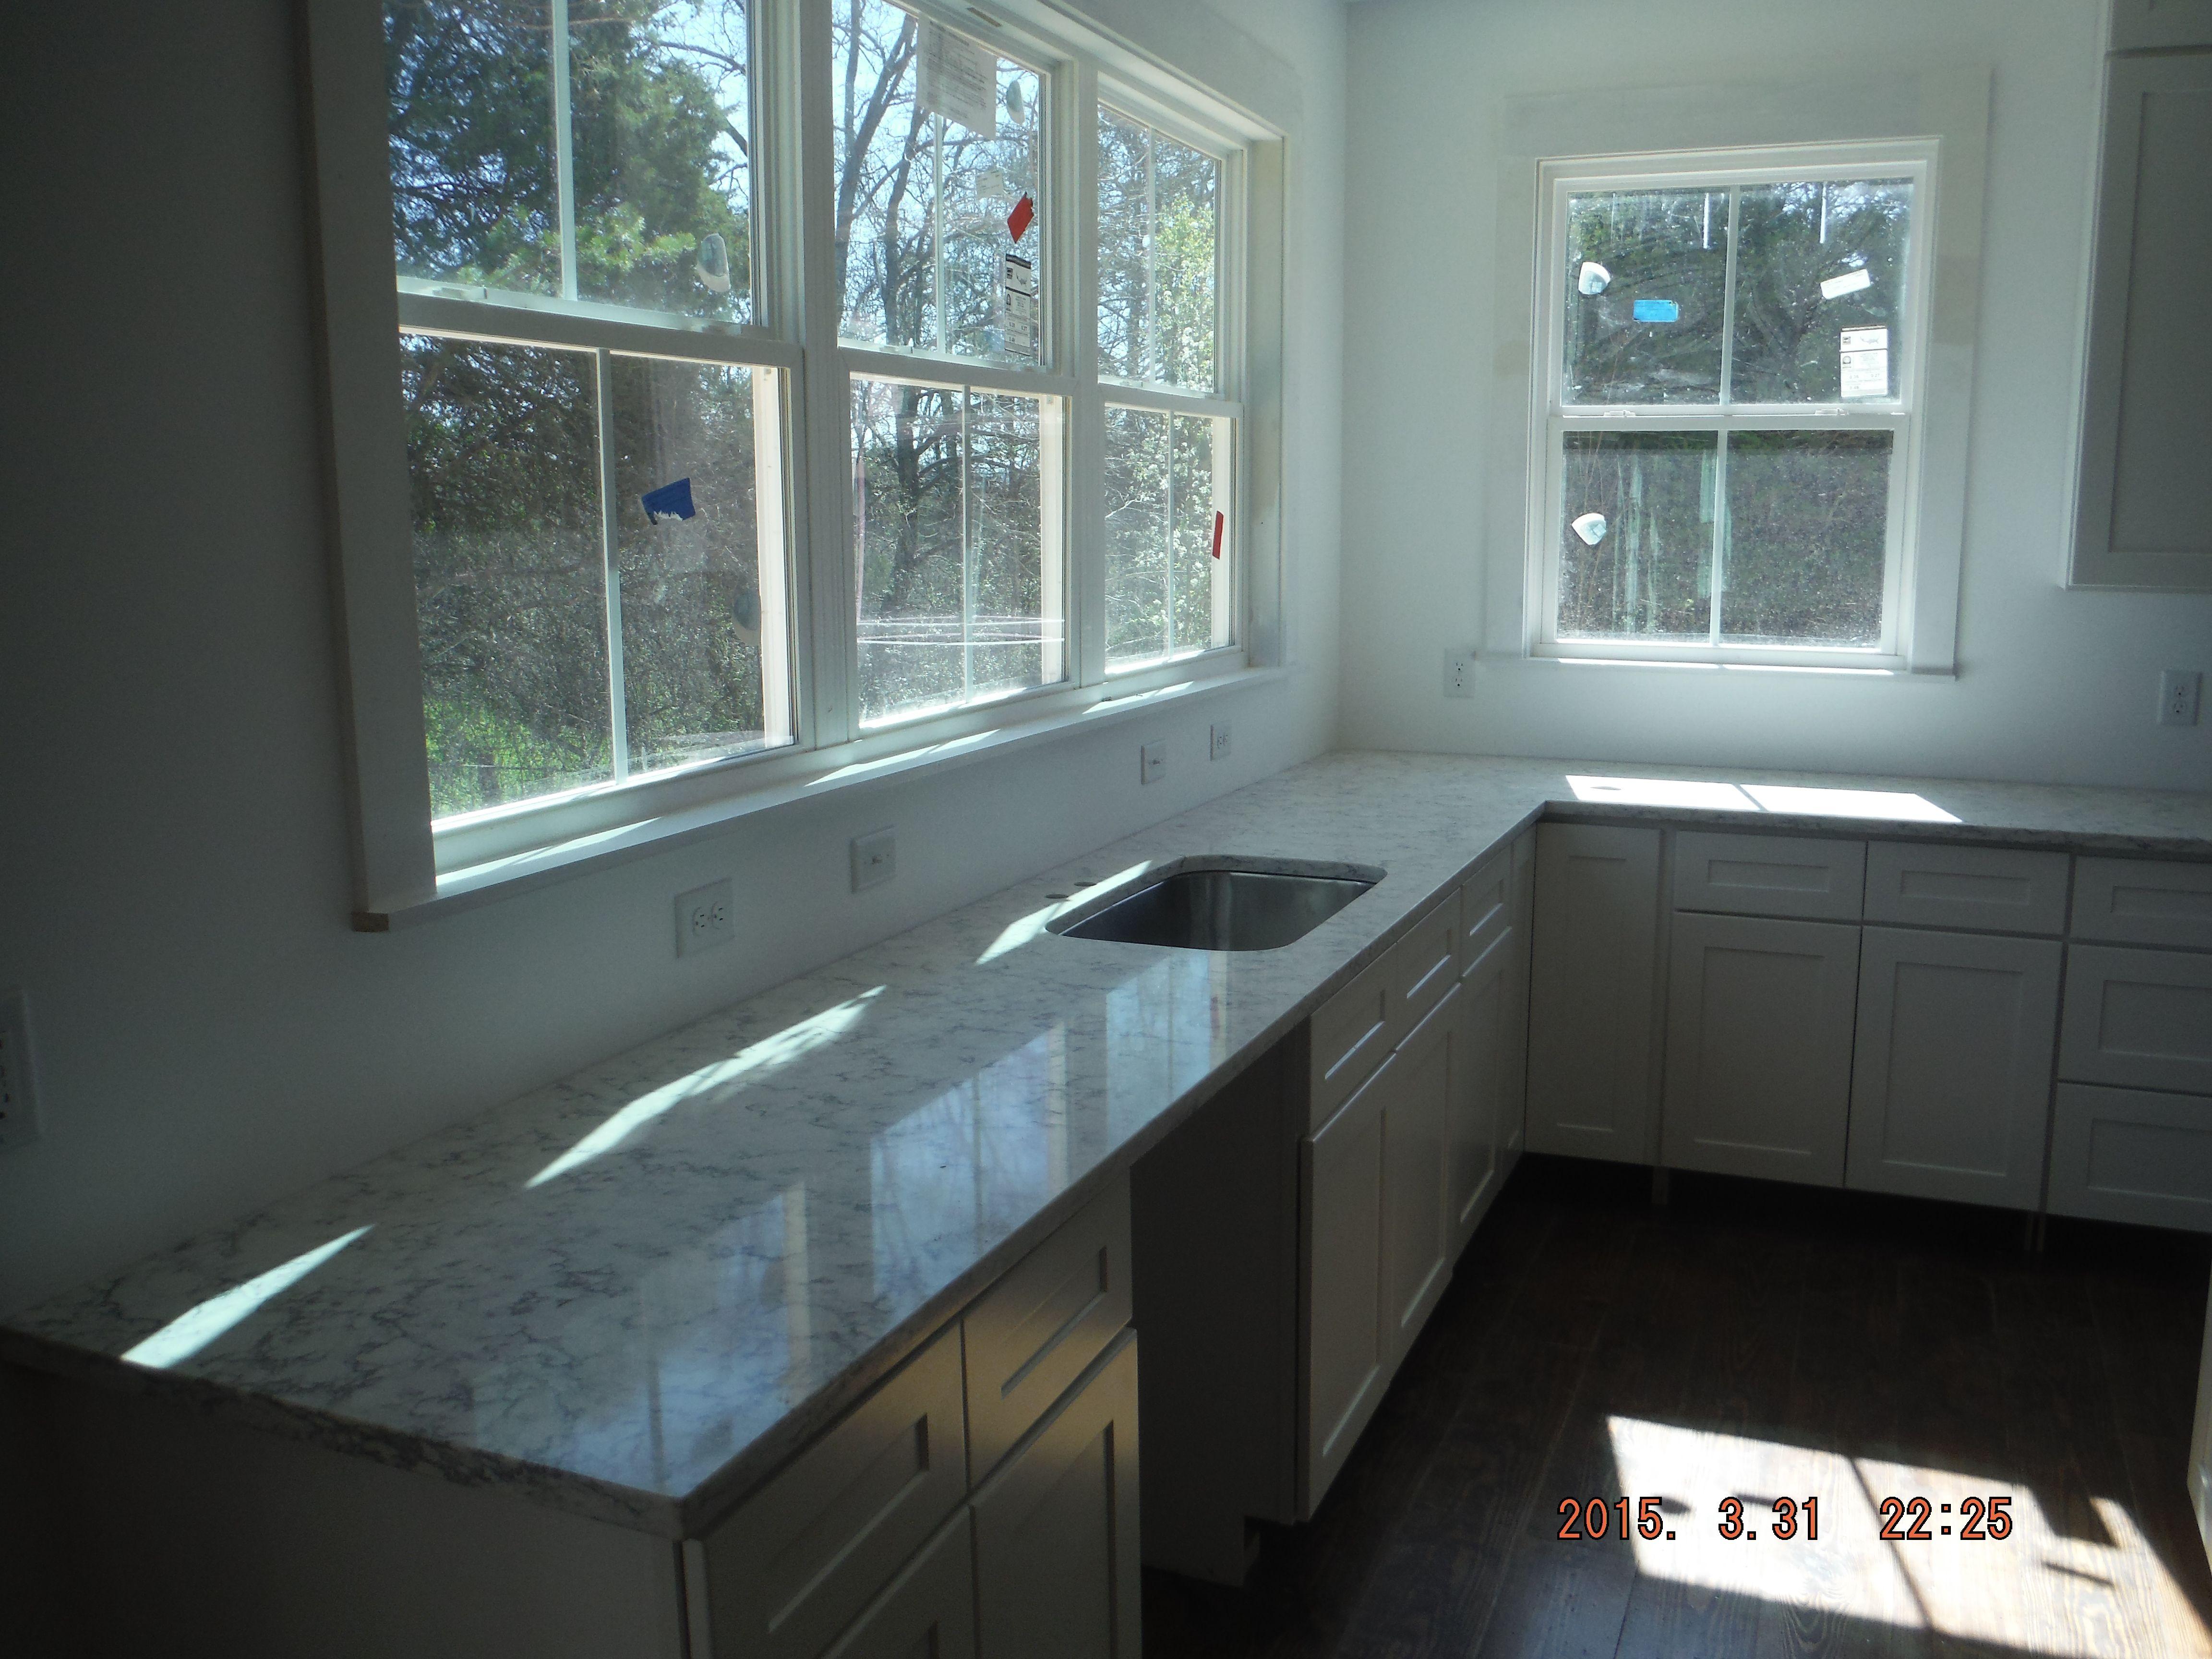 Rococo LG Viatera quartz kitchen countertop install for the ...